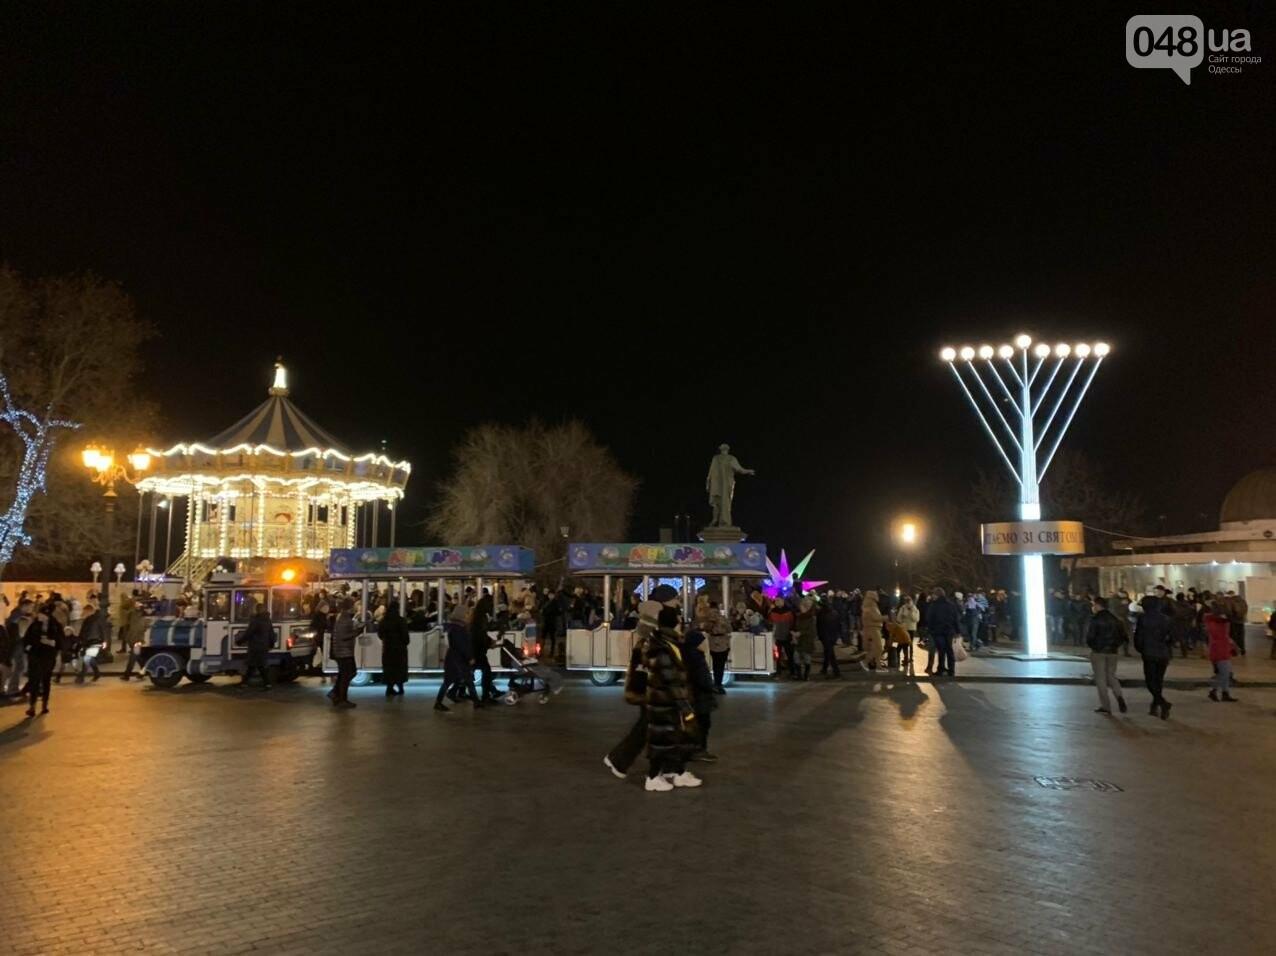 Фоторепортаж: В Одессе зажгли главную елку города, - ФОТО, ВИДЕО, фото-18